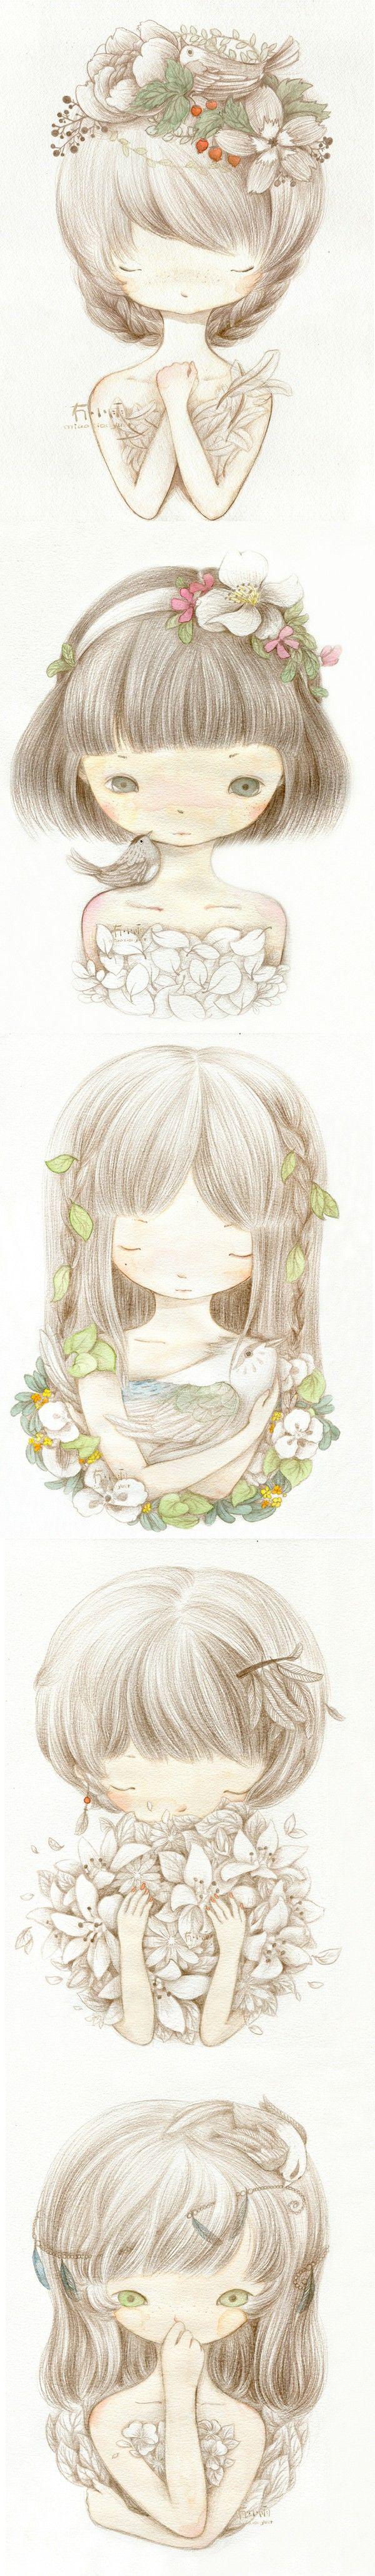 lovely little illustration girls